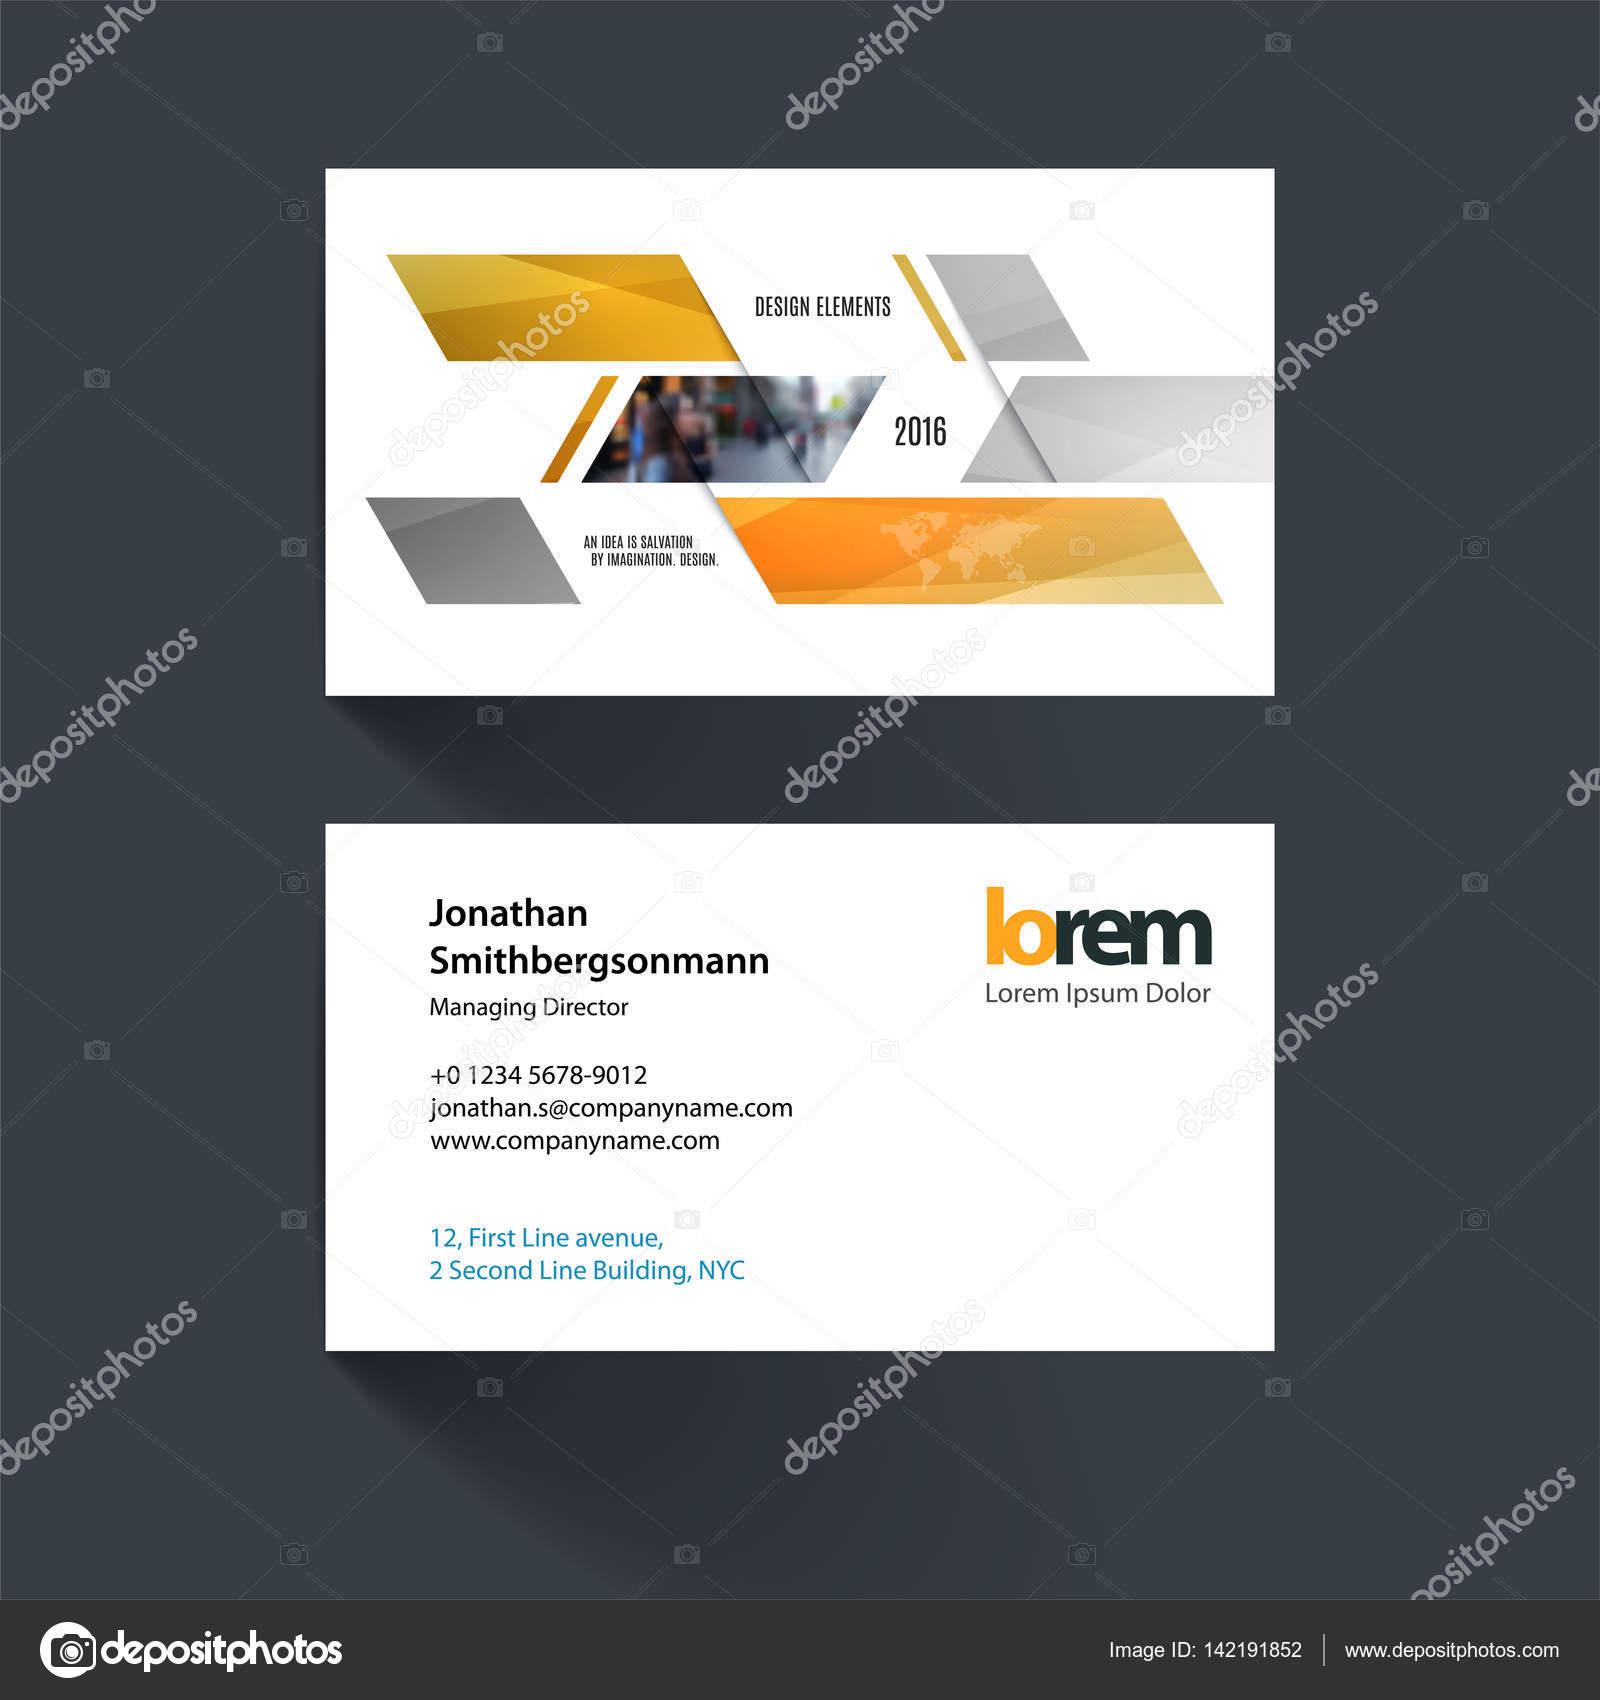 Modle De Carte Visite Vector Avec Formes Gomtriques Dynamiques Jaunes Pour Eco Affaires Technologie Simple Et Propre Conception